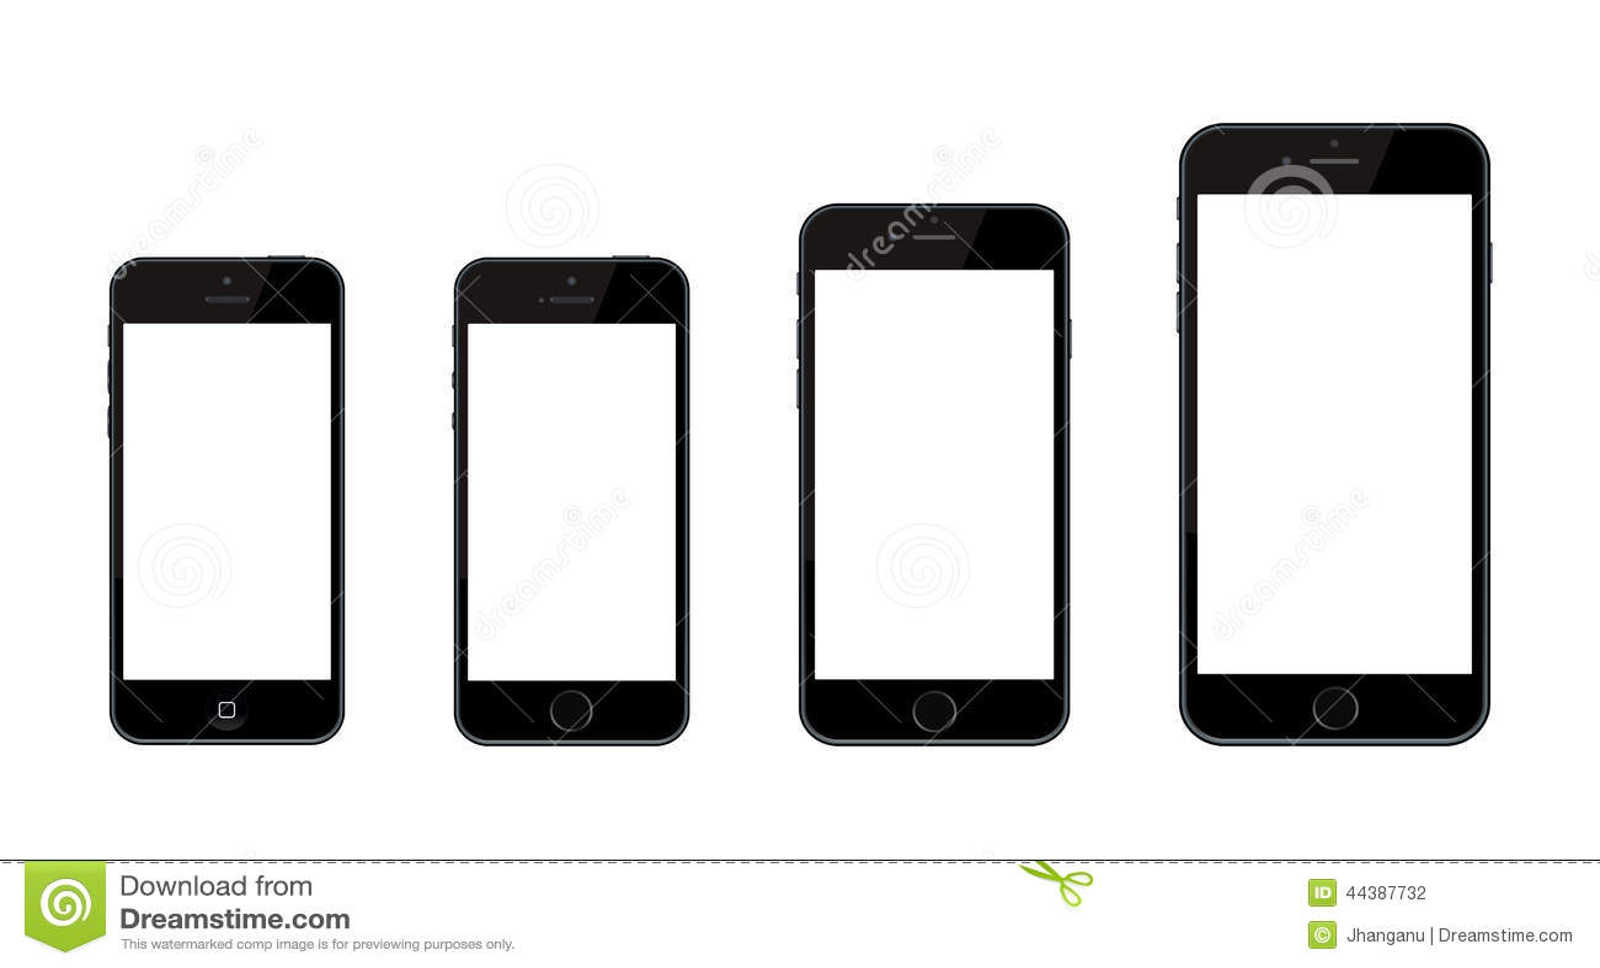 Nuevo iPhone 6 de Apple e iPhone 6 más e iPhone 5